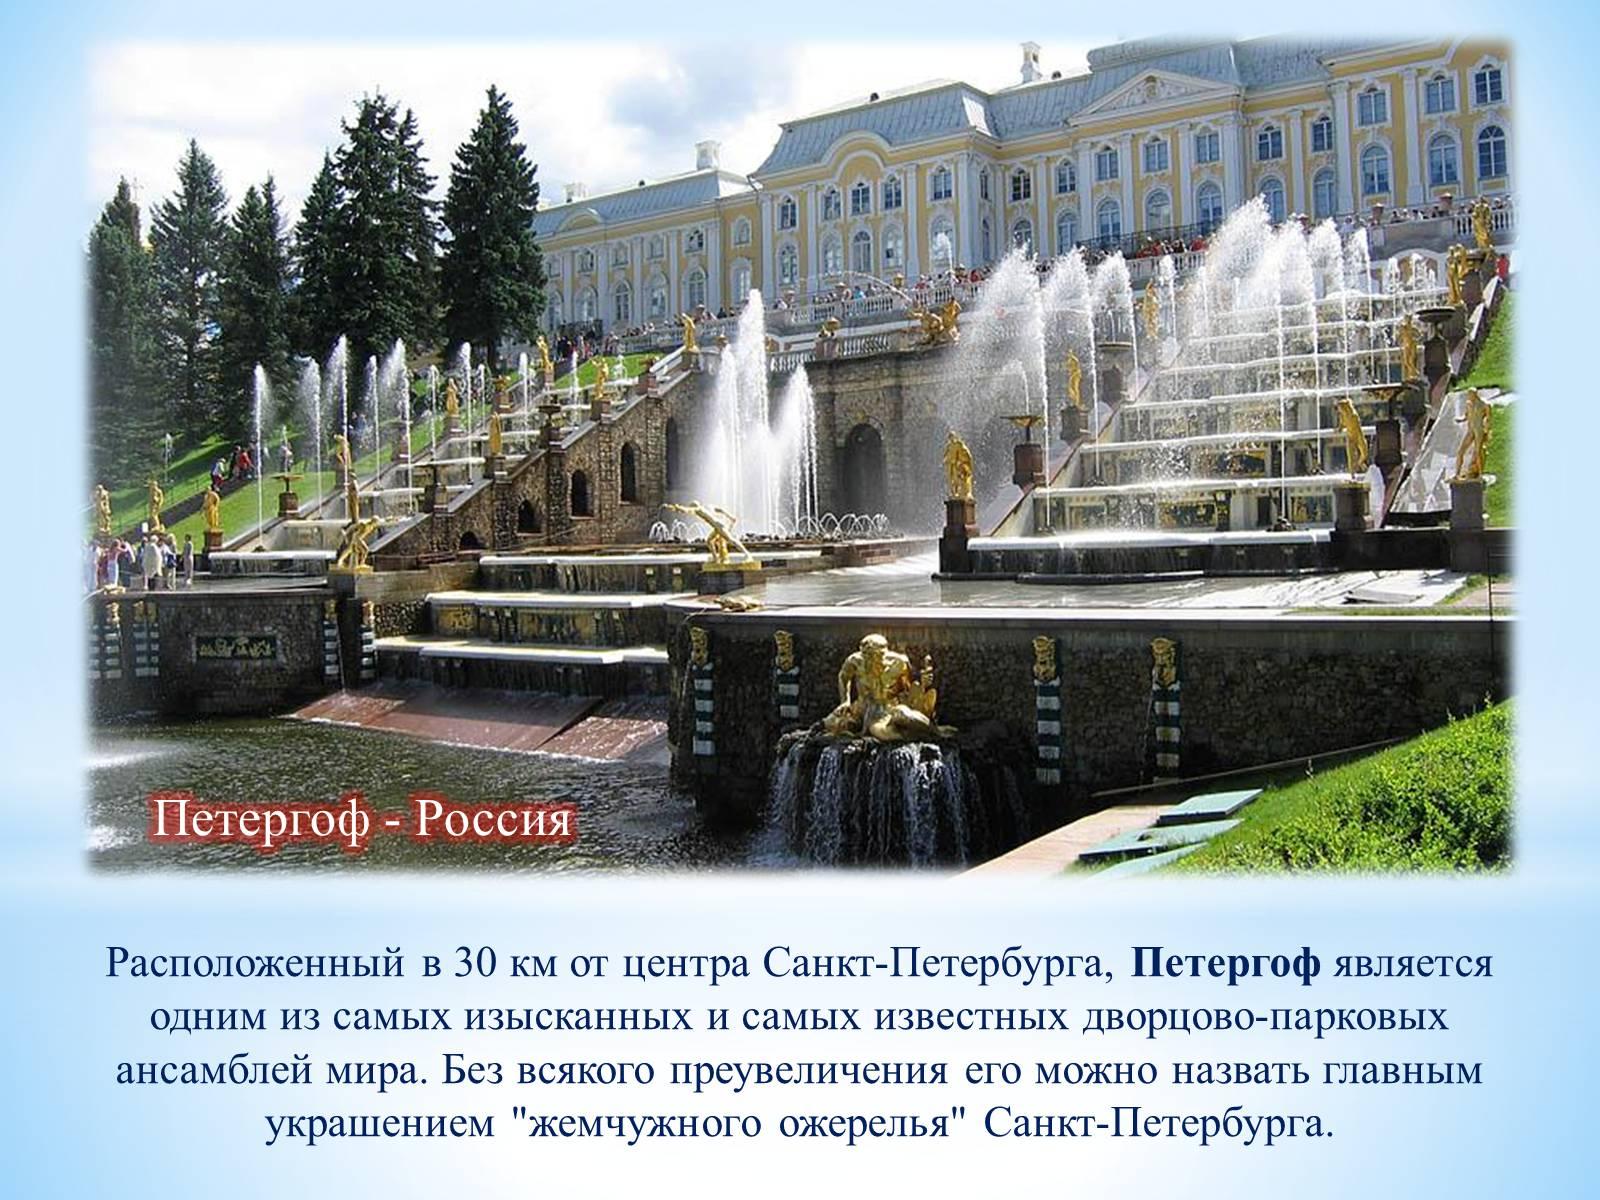 санкт-петербург достопримечательности картинки с описанием были